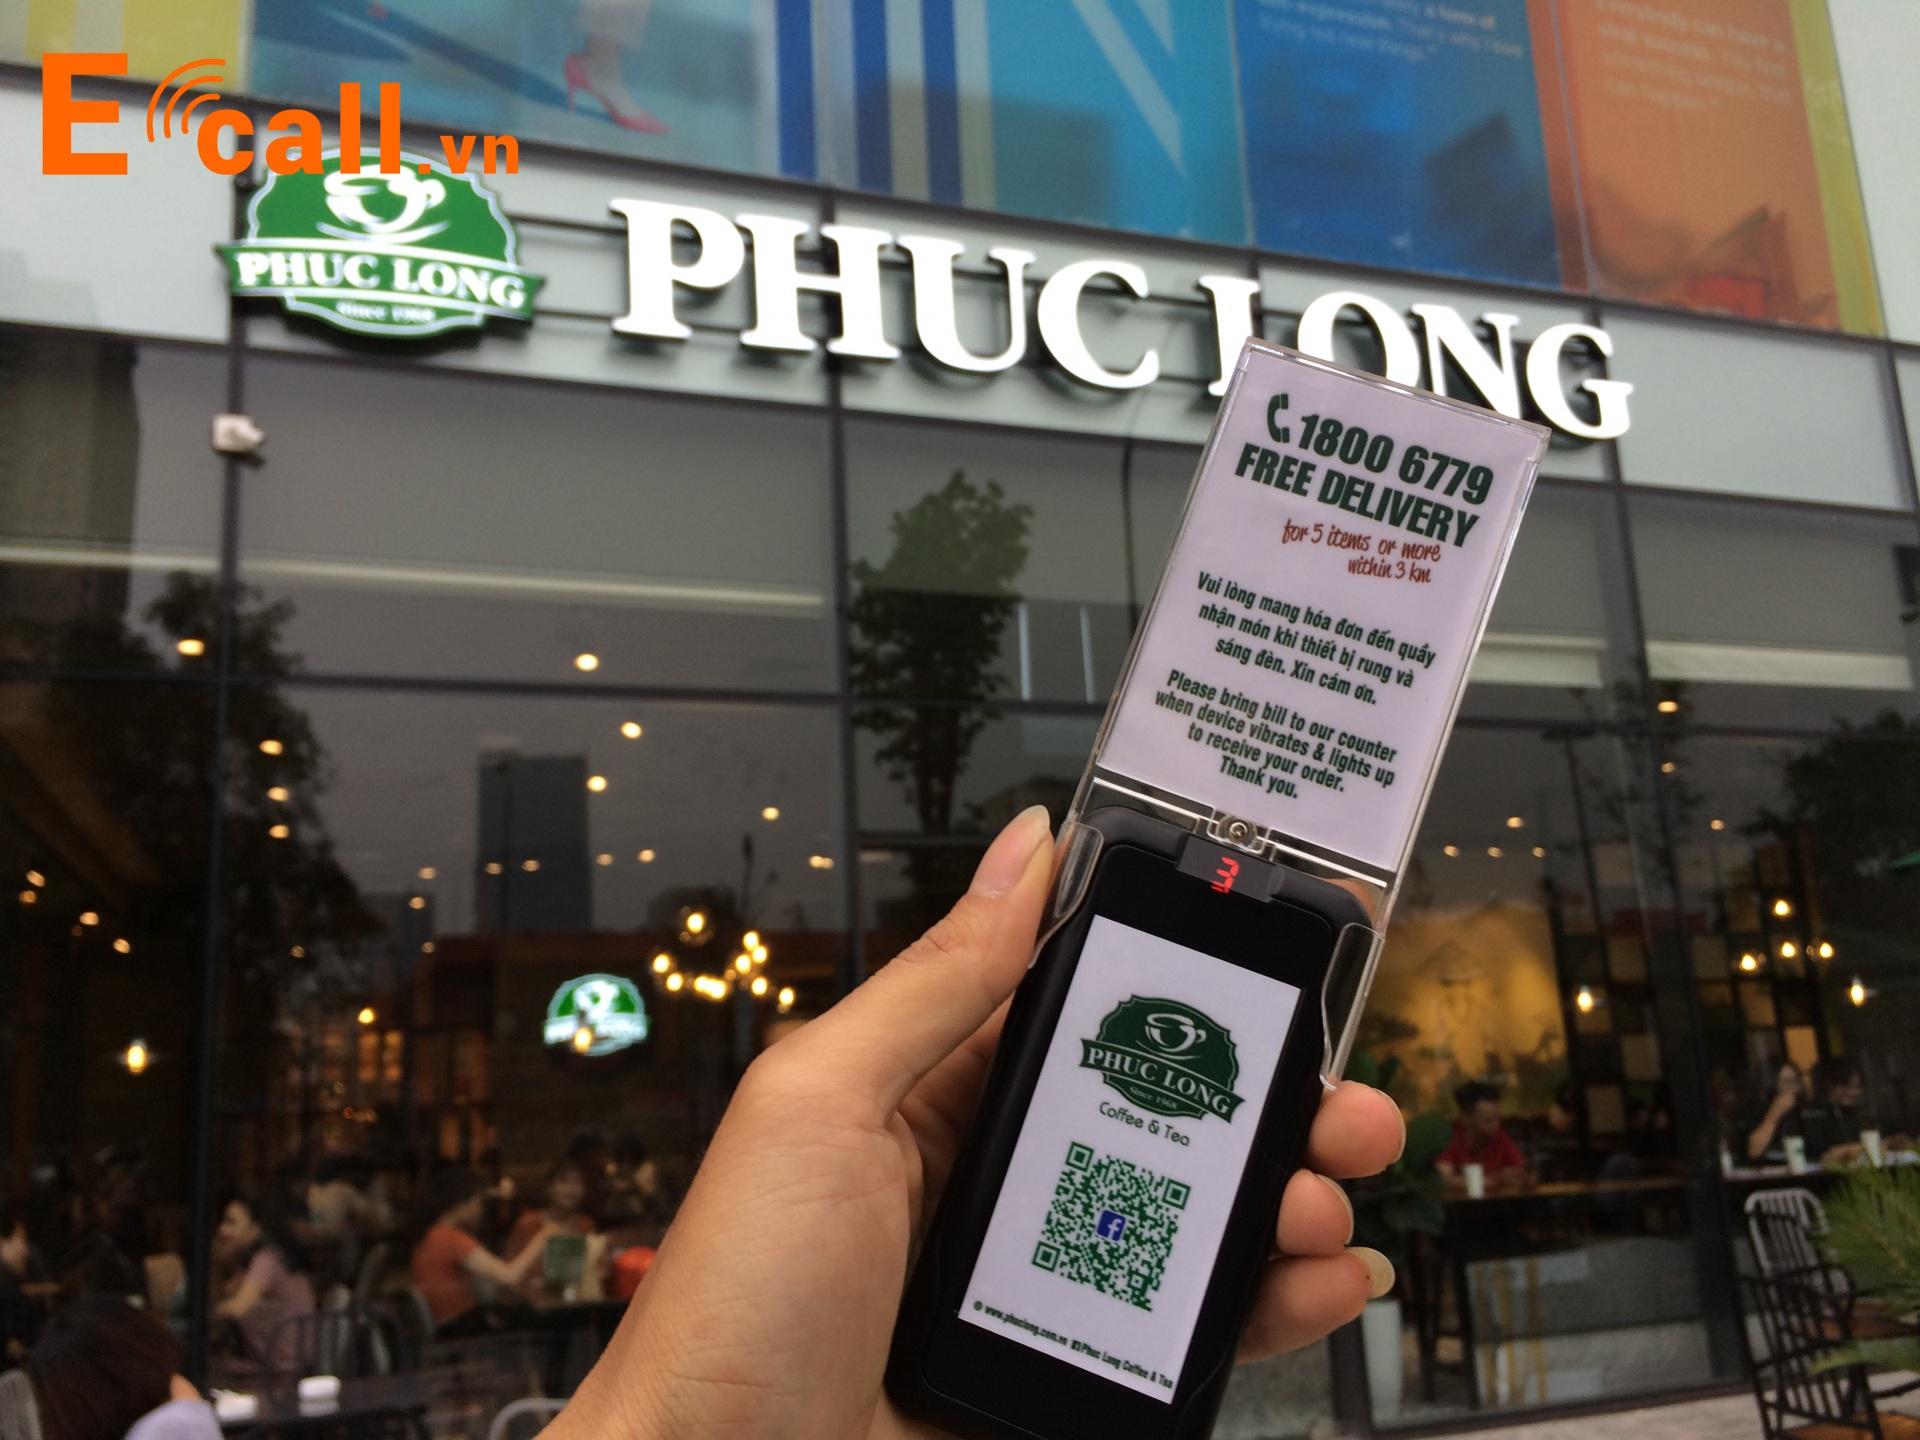 thẻ rung tự phục vụ phúc long tea